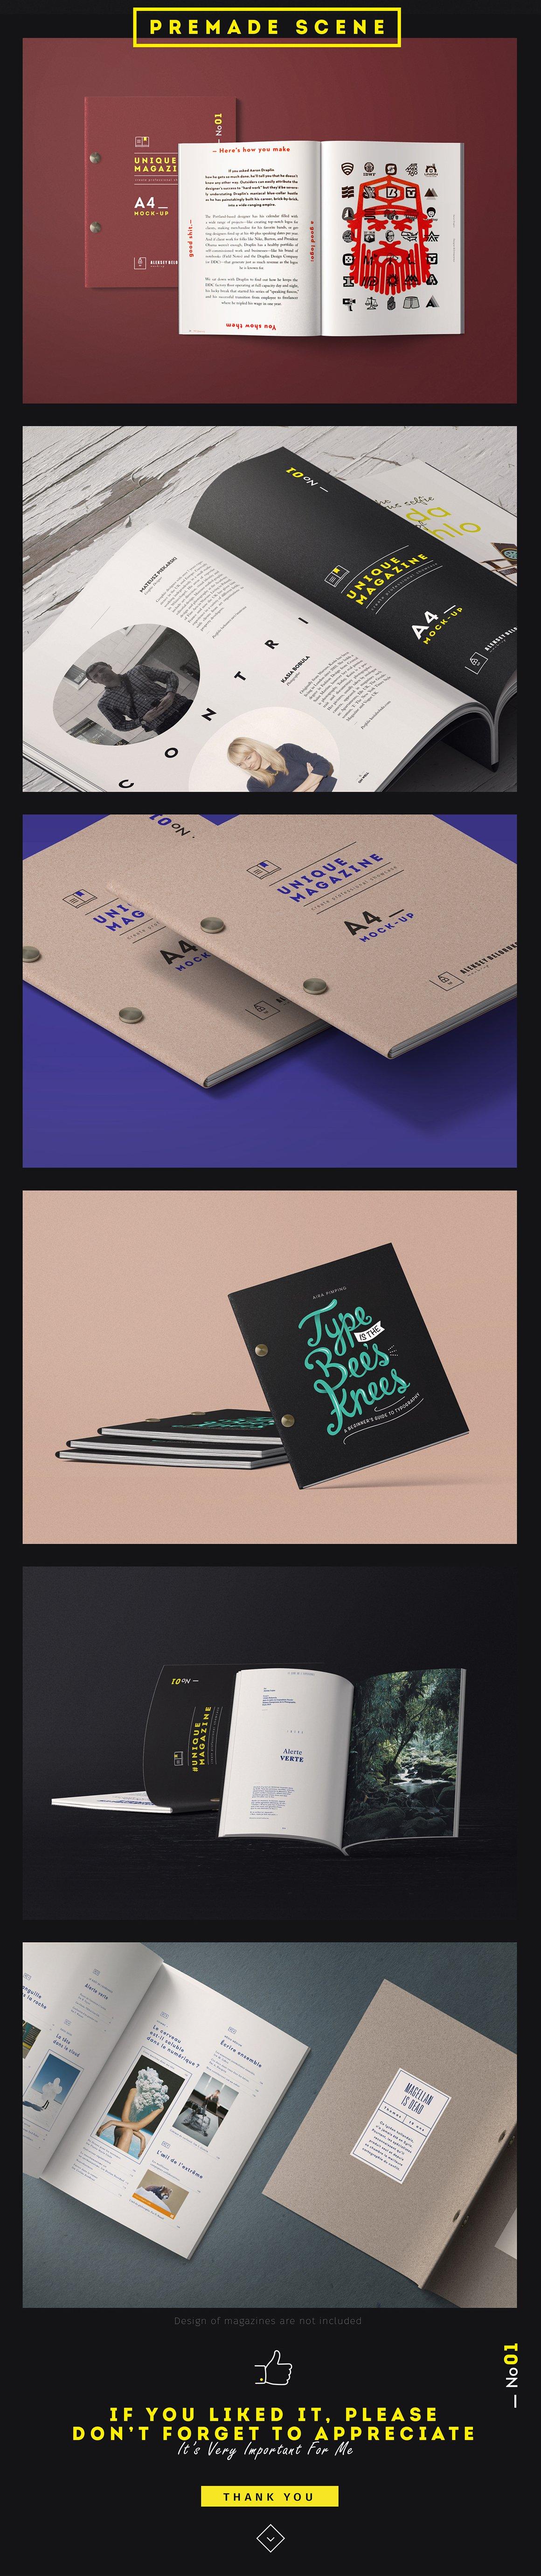 杂志画册设计场景提案样机模板